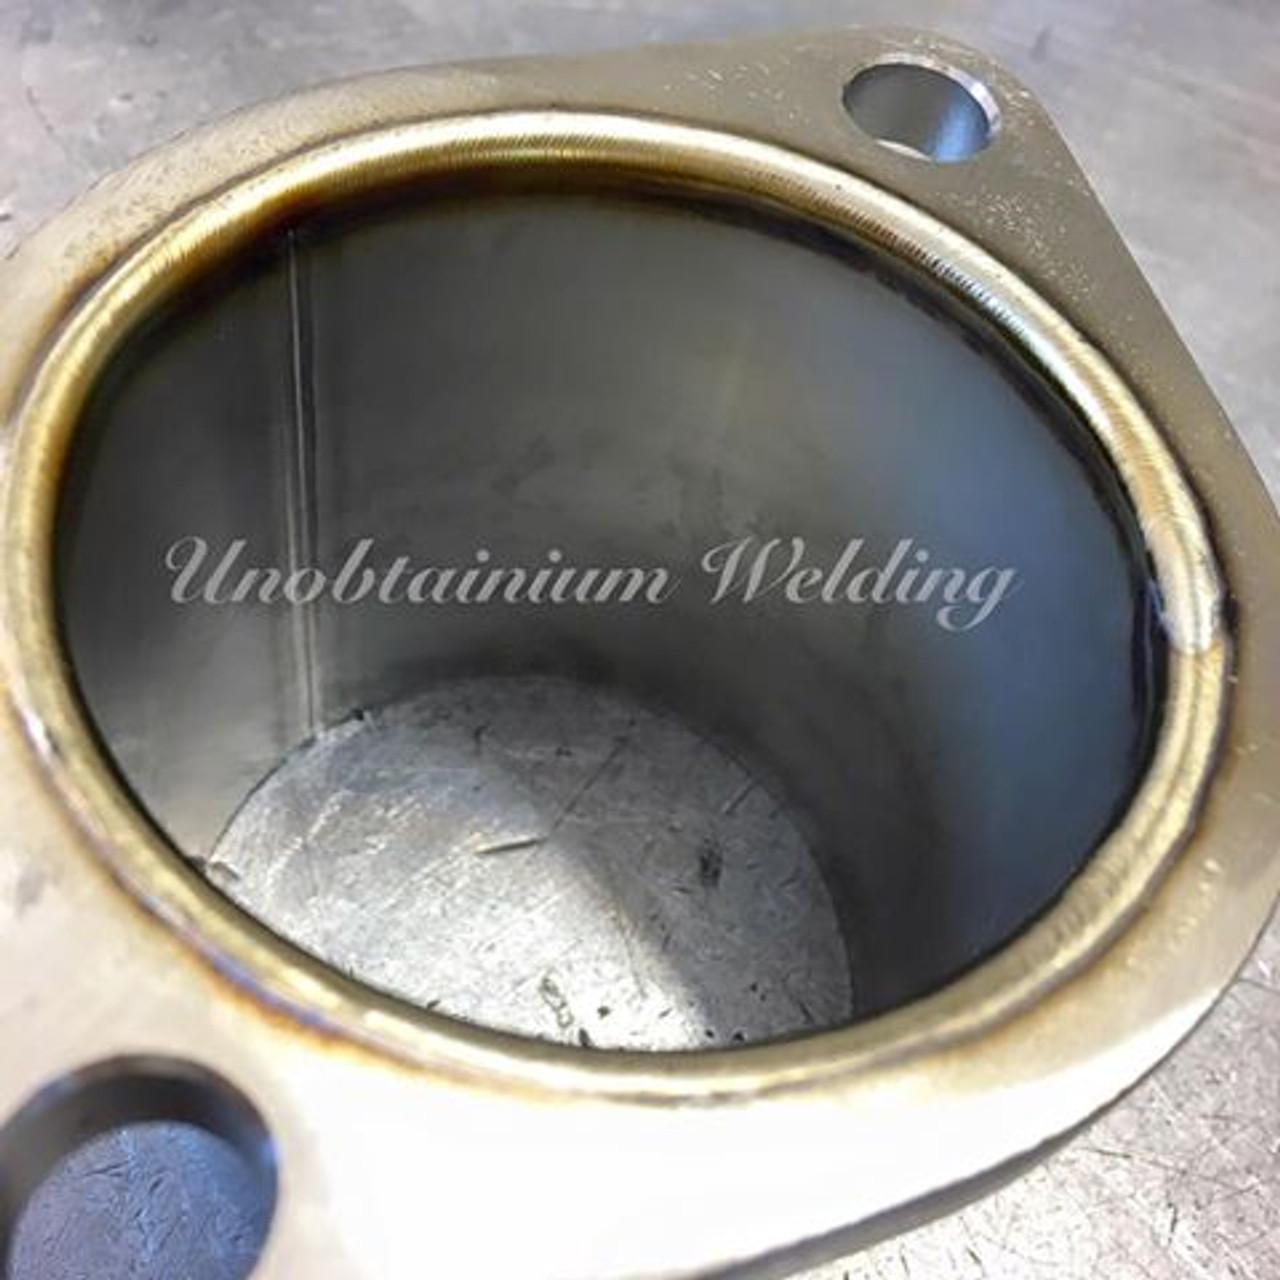 """BMW 335D Downpipe - 3.5"""" - Unobtainium (UTW-2) - more welding pics"""